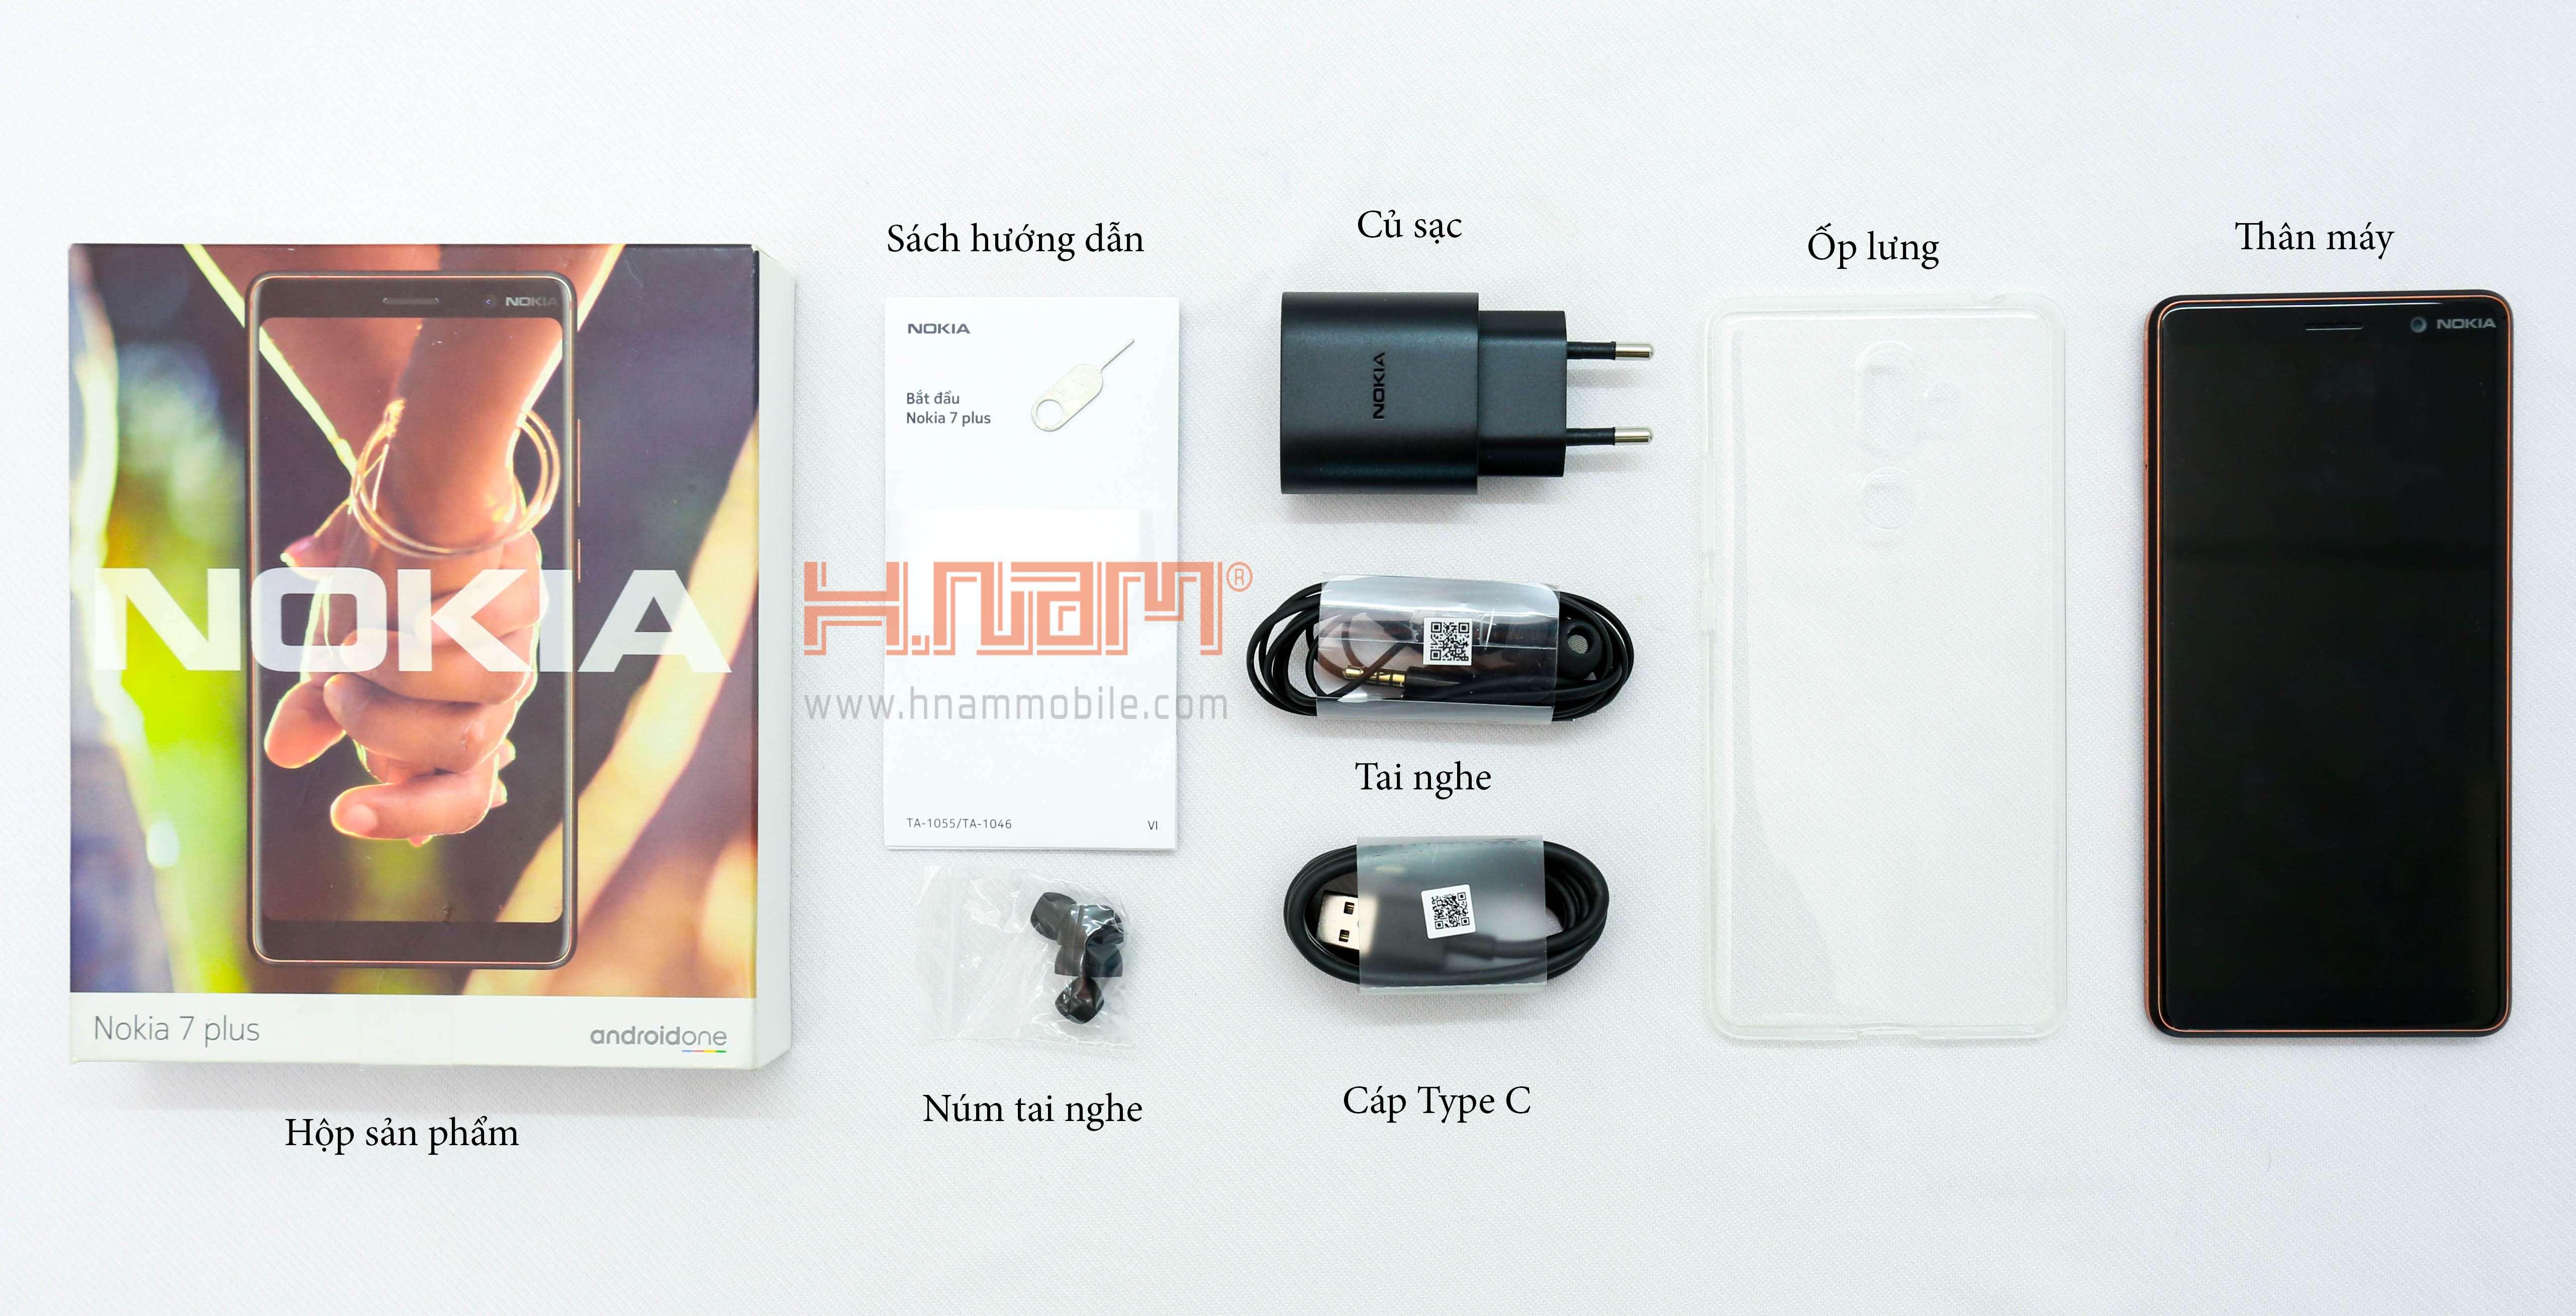 Nokia 7 plus hình sản phẩm 1